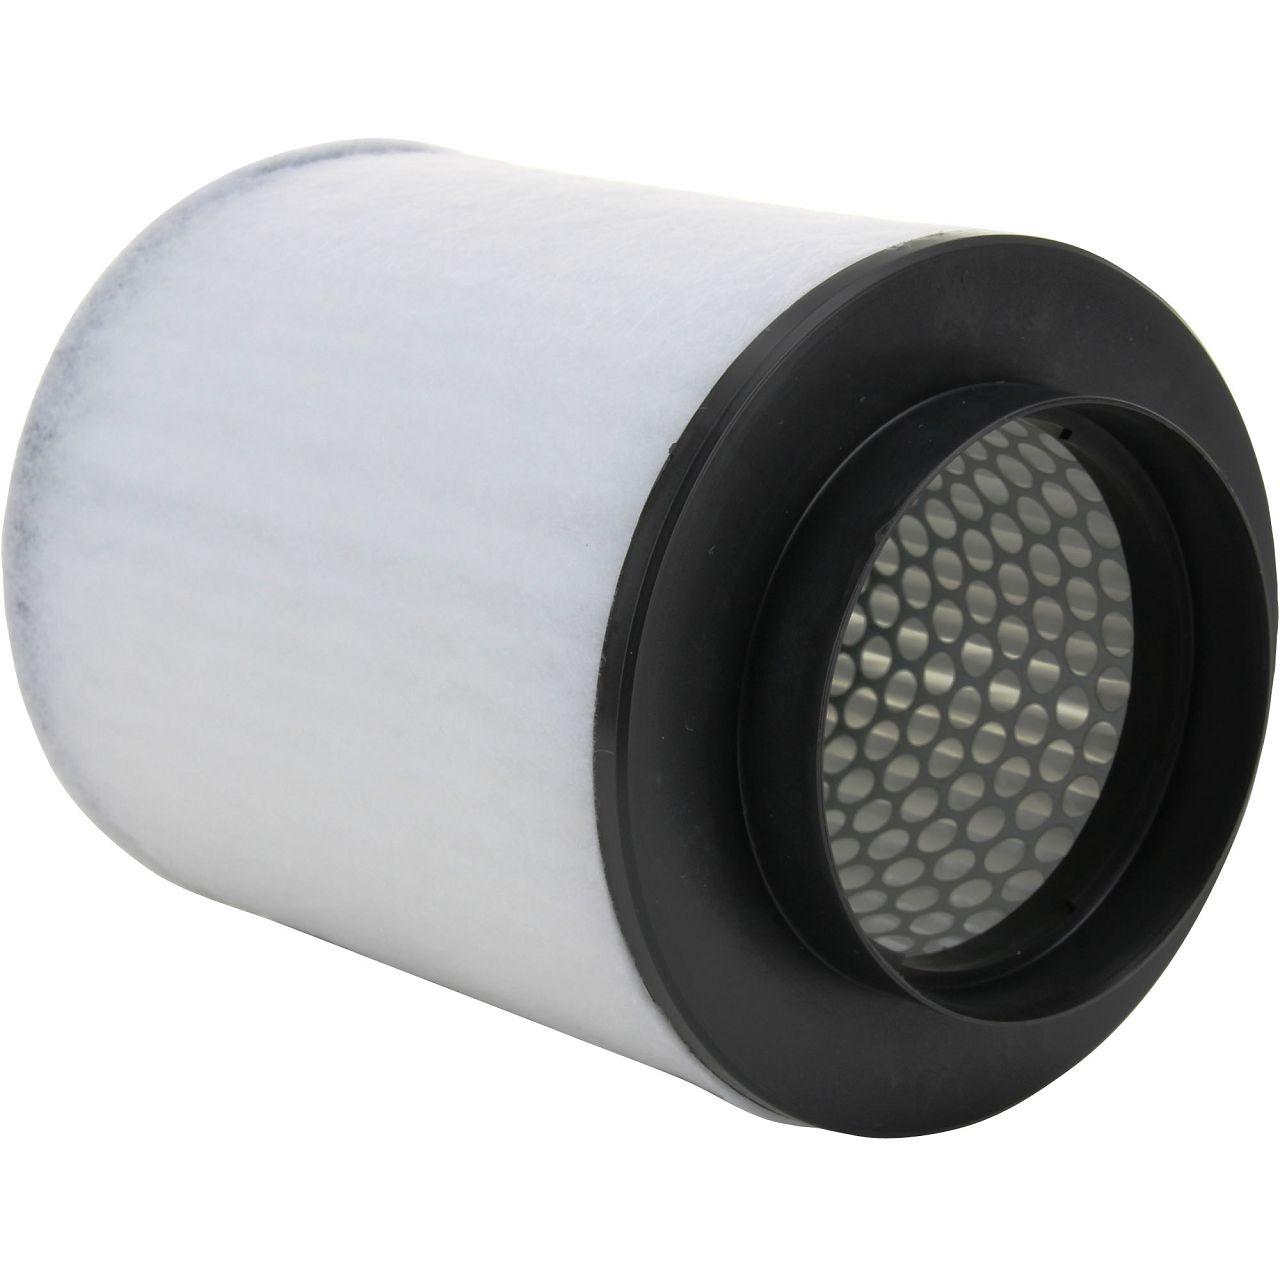 Luftfilter Motorluft für AUDI A8 (4H) 2.0/3.0/4.0TFSI 3.0/4.2TDI 4H0129620L